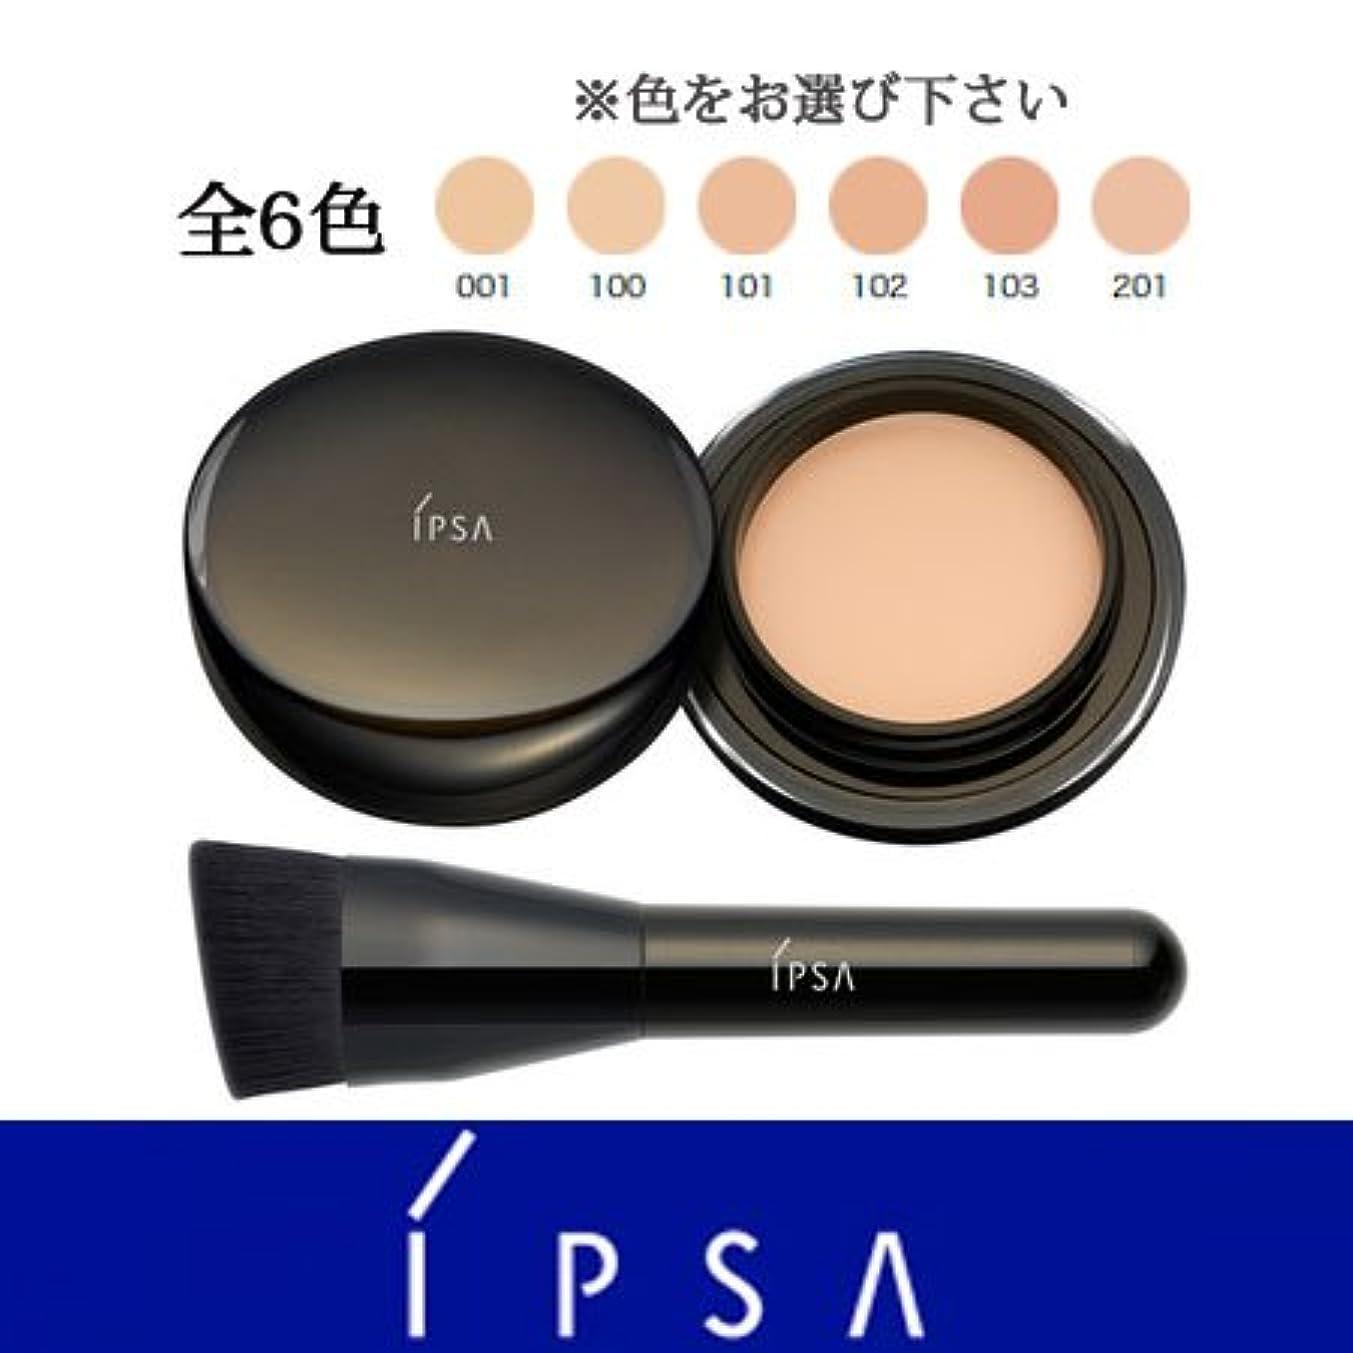 ハンディキャップ納屋交じるイプサ ファウンデイション アルティメイト 全6色 -IPSA- 103